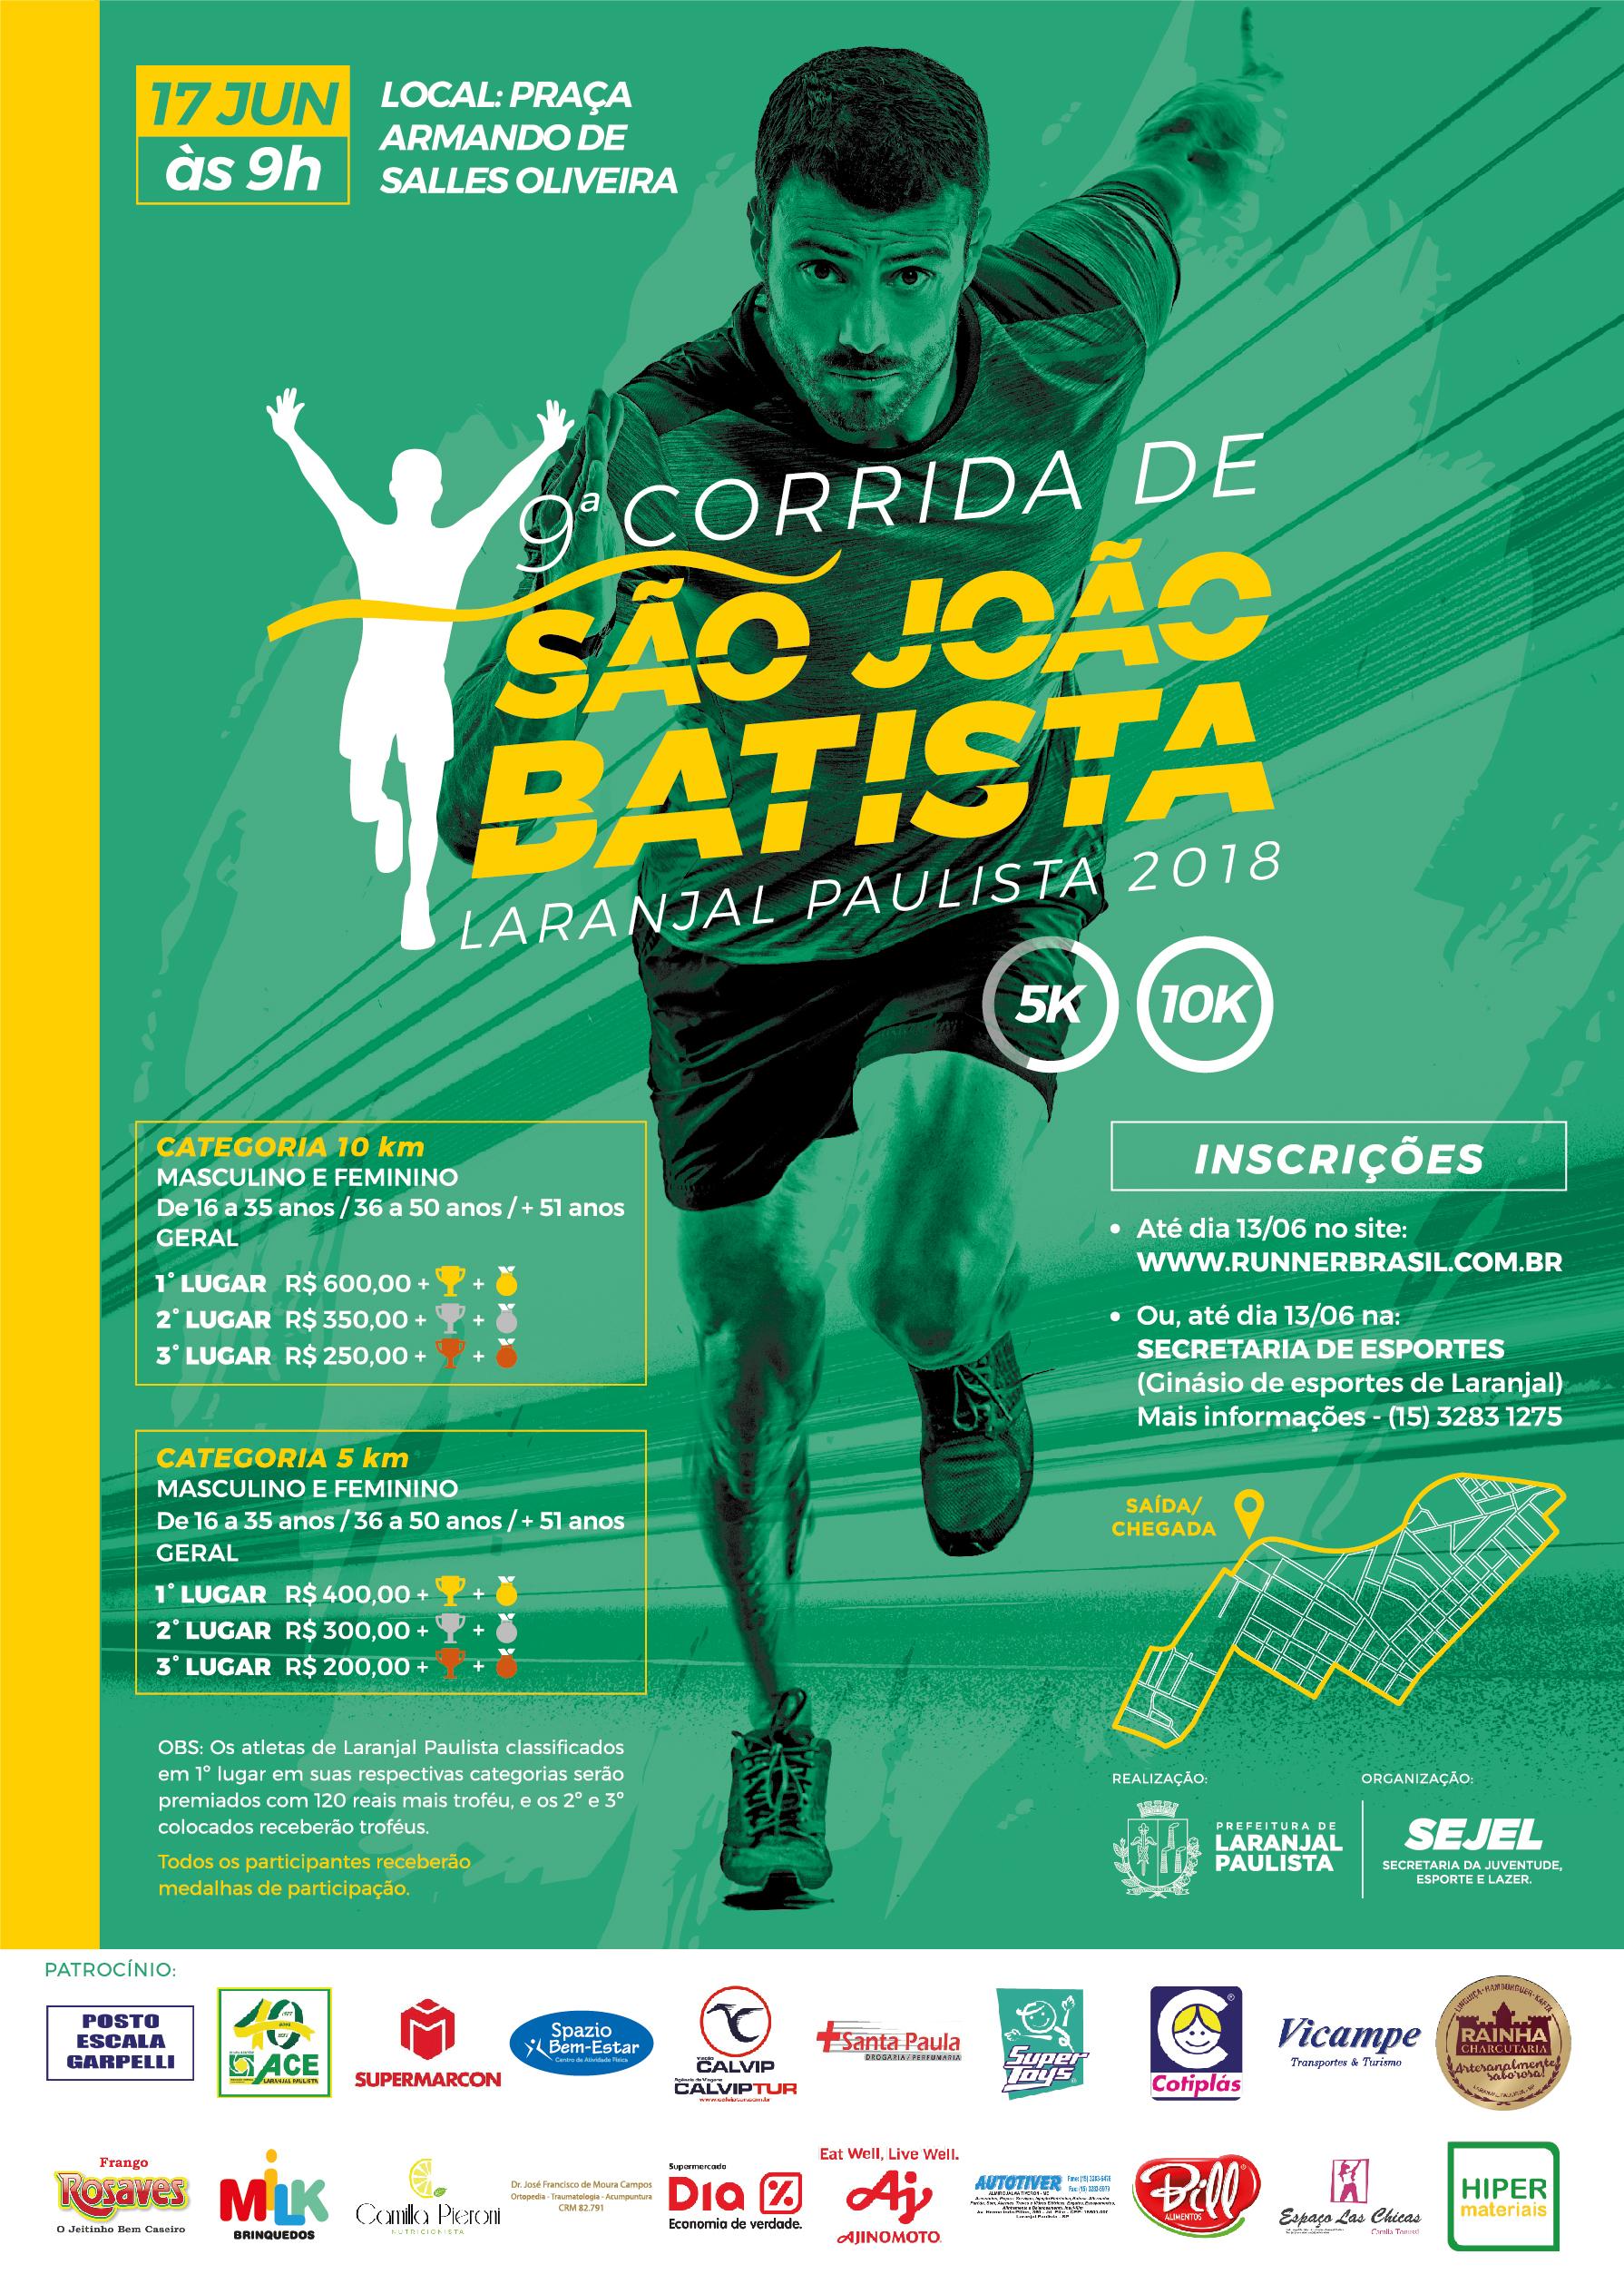 Acontece em Laranjal Paulista a 9ª Corrida de São João Batista - Dia 17 de Junho às 9h.